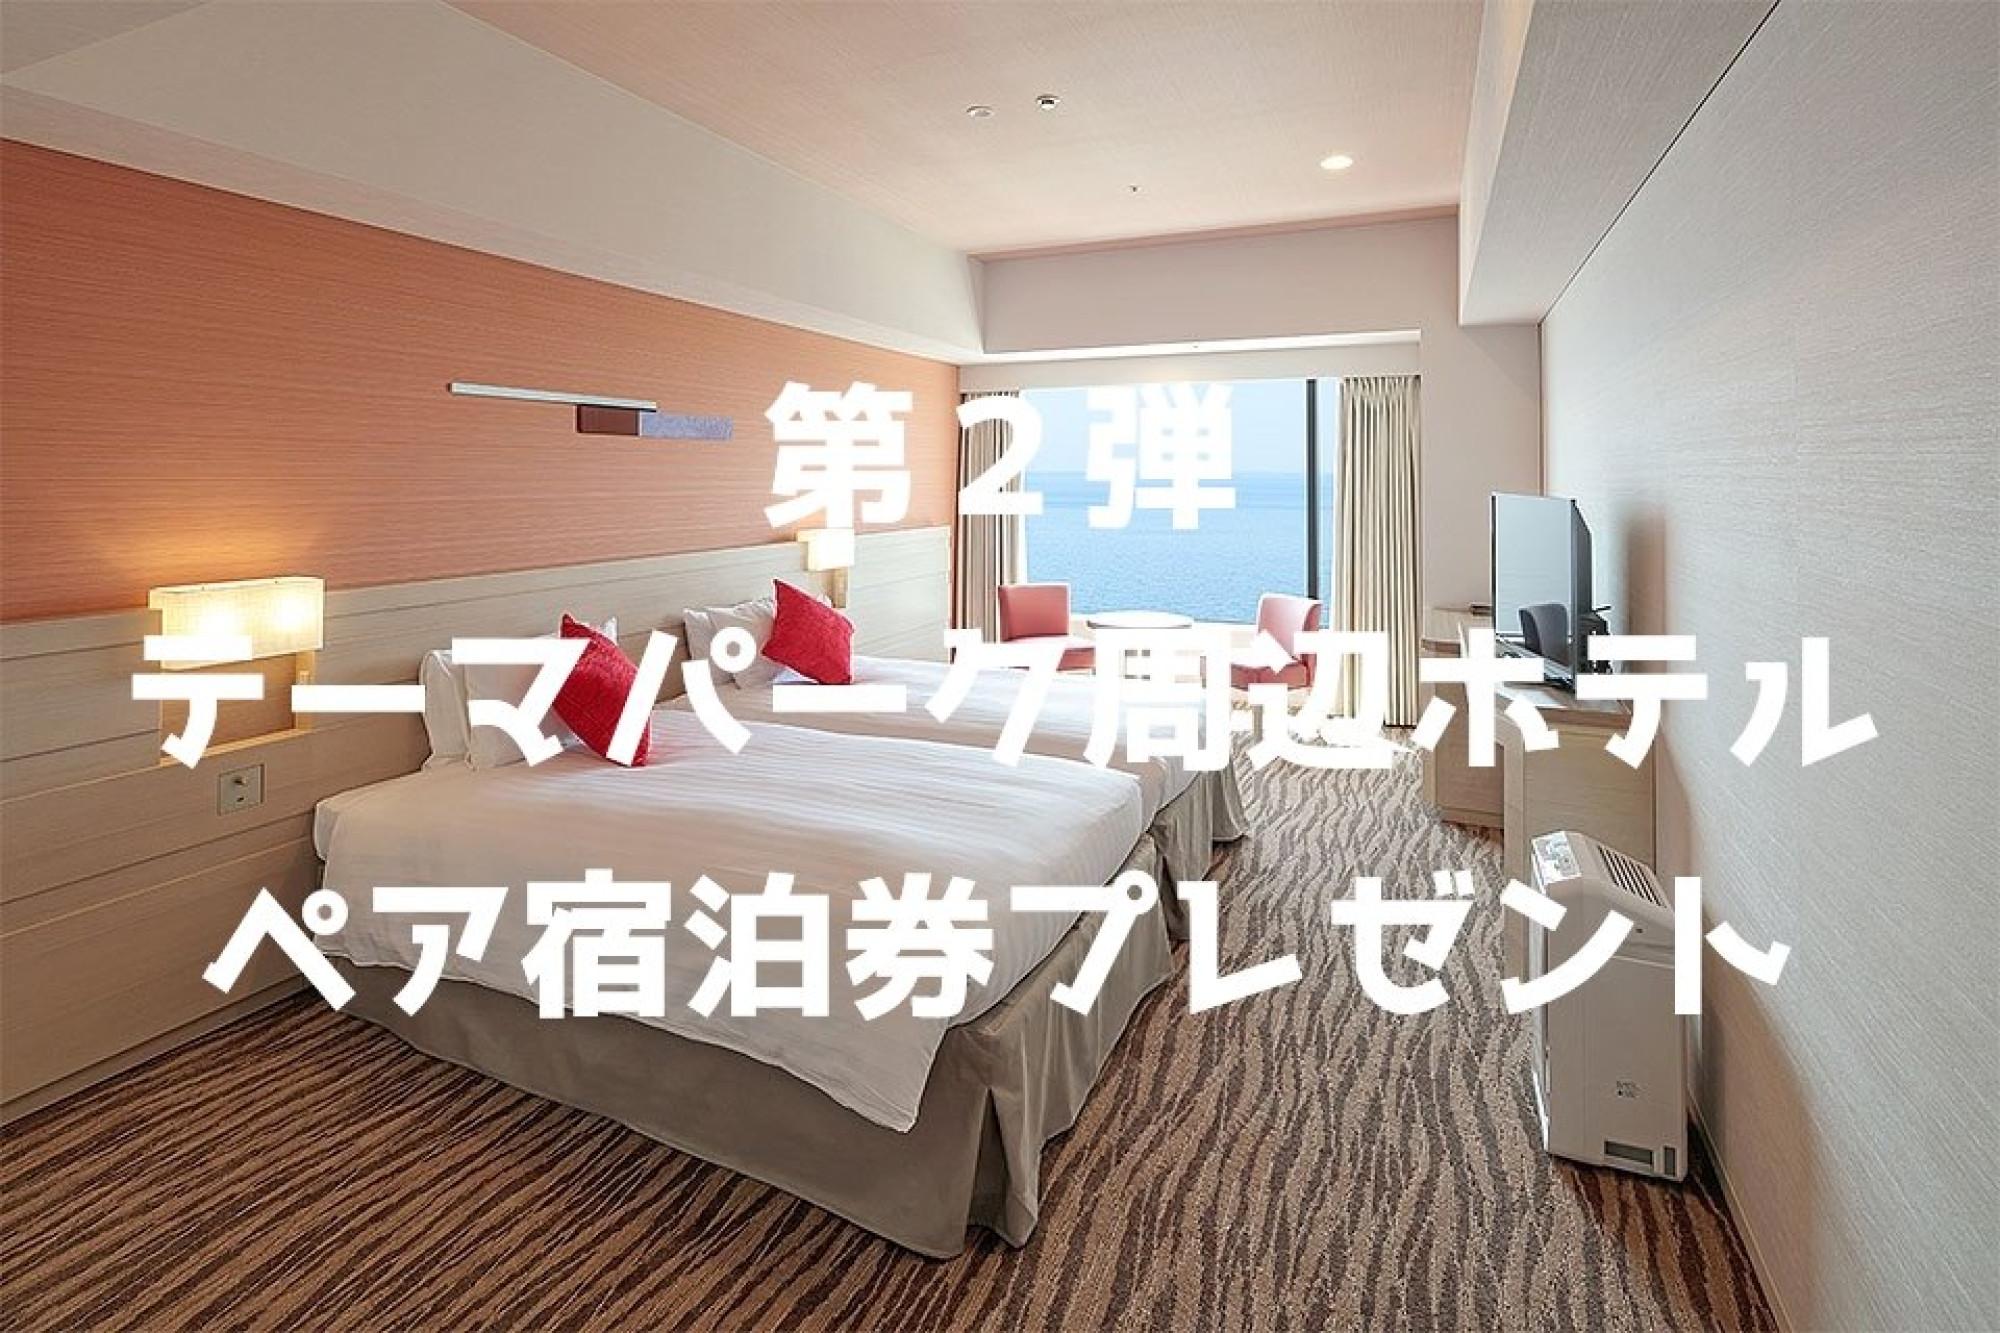 「東京ベイ東急ホテル」ペア宿泊券プレゼントキャンペーン第2弾